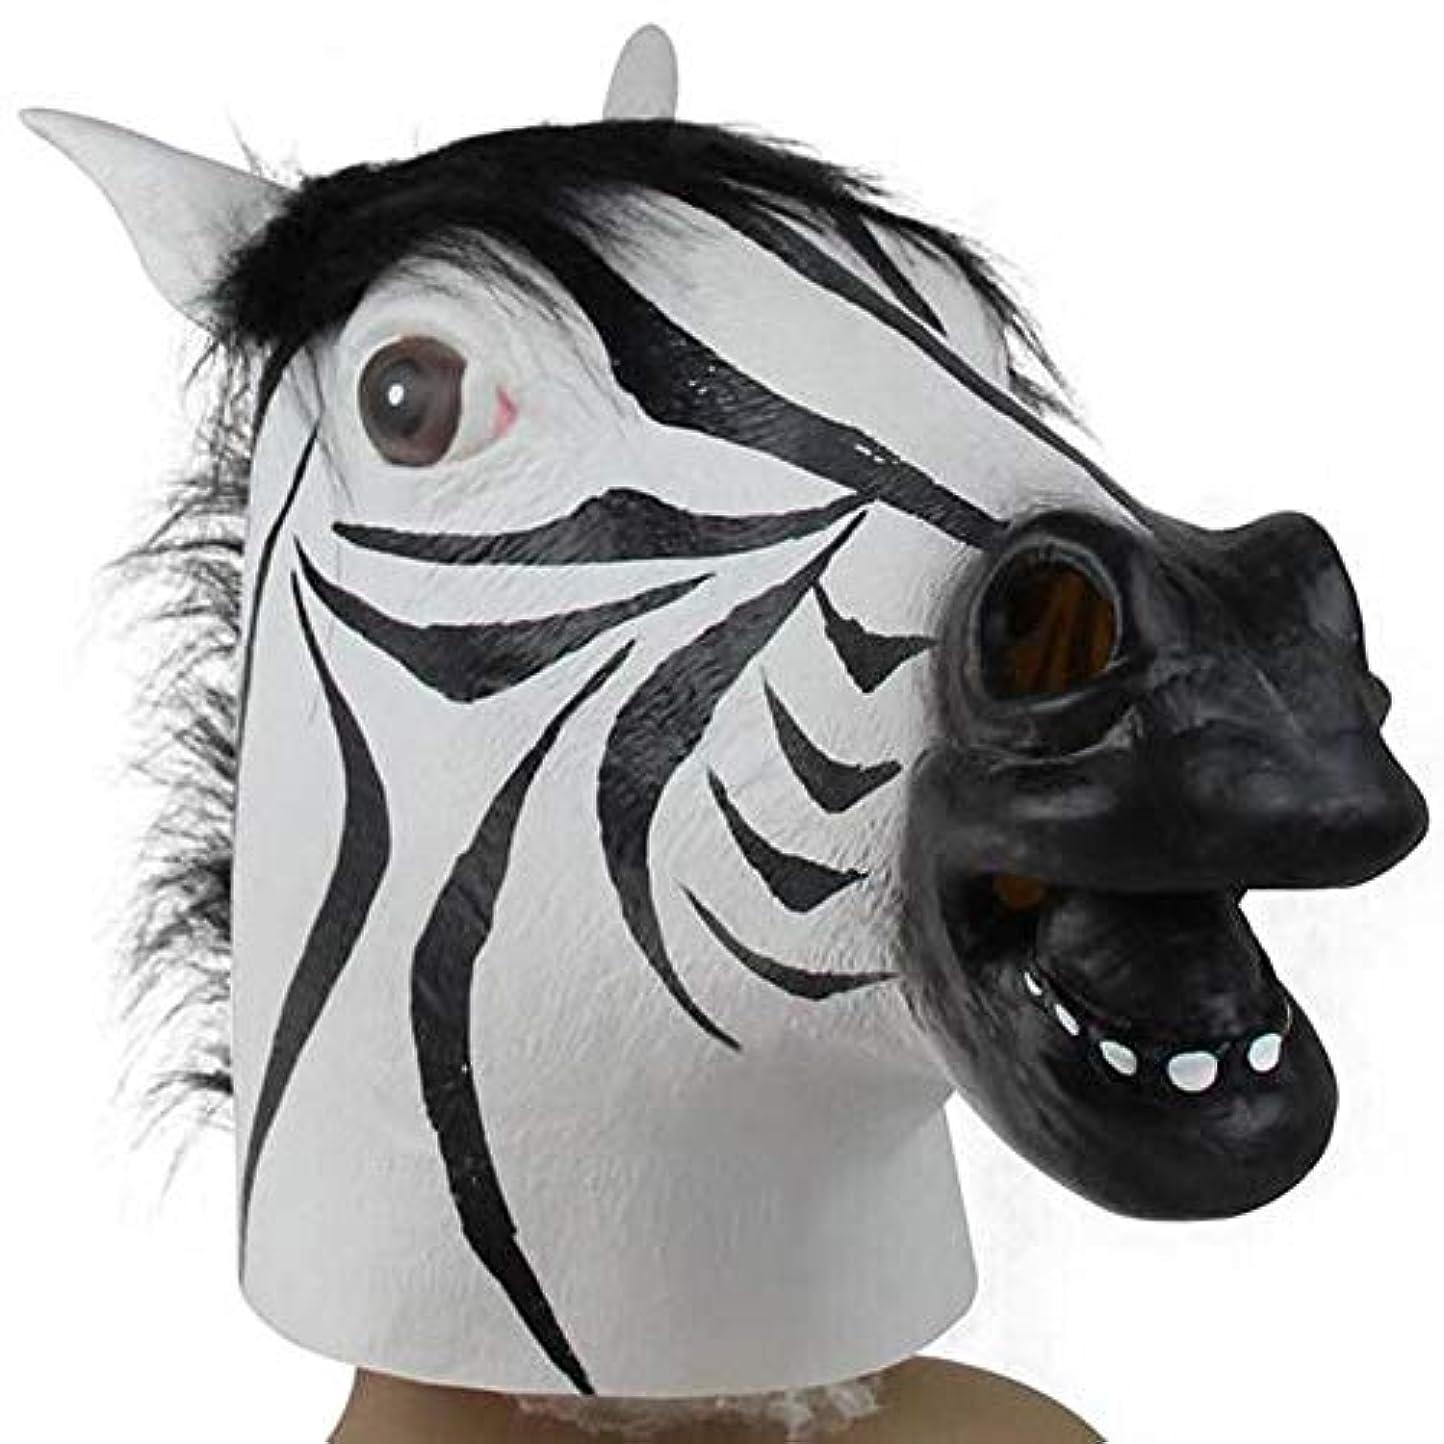 保証するパキスタン人権威ラテックスマスクハロウィンウエディングバーリアルなマスクシマウママスクドレスアップヘッドカバー装飾パーティースプーフィングに使用